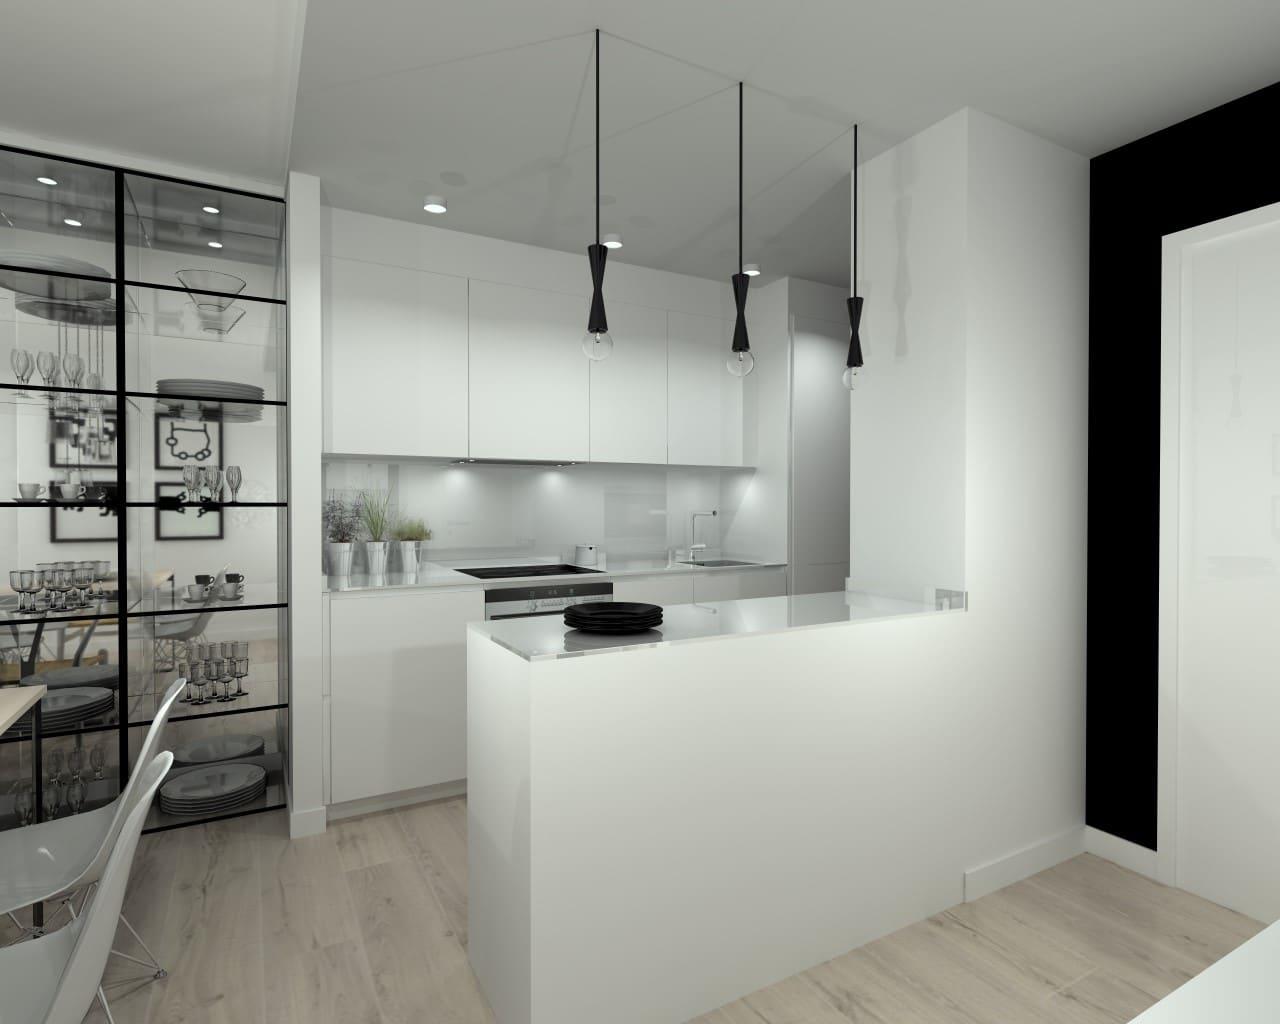 Cocina Abierta En Apartamento Peque O Estudio Cocinas Dc